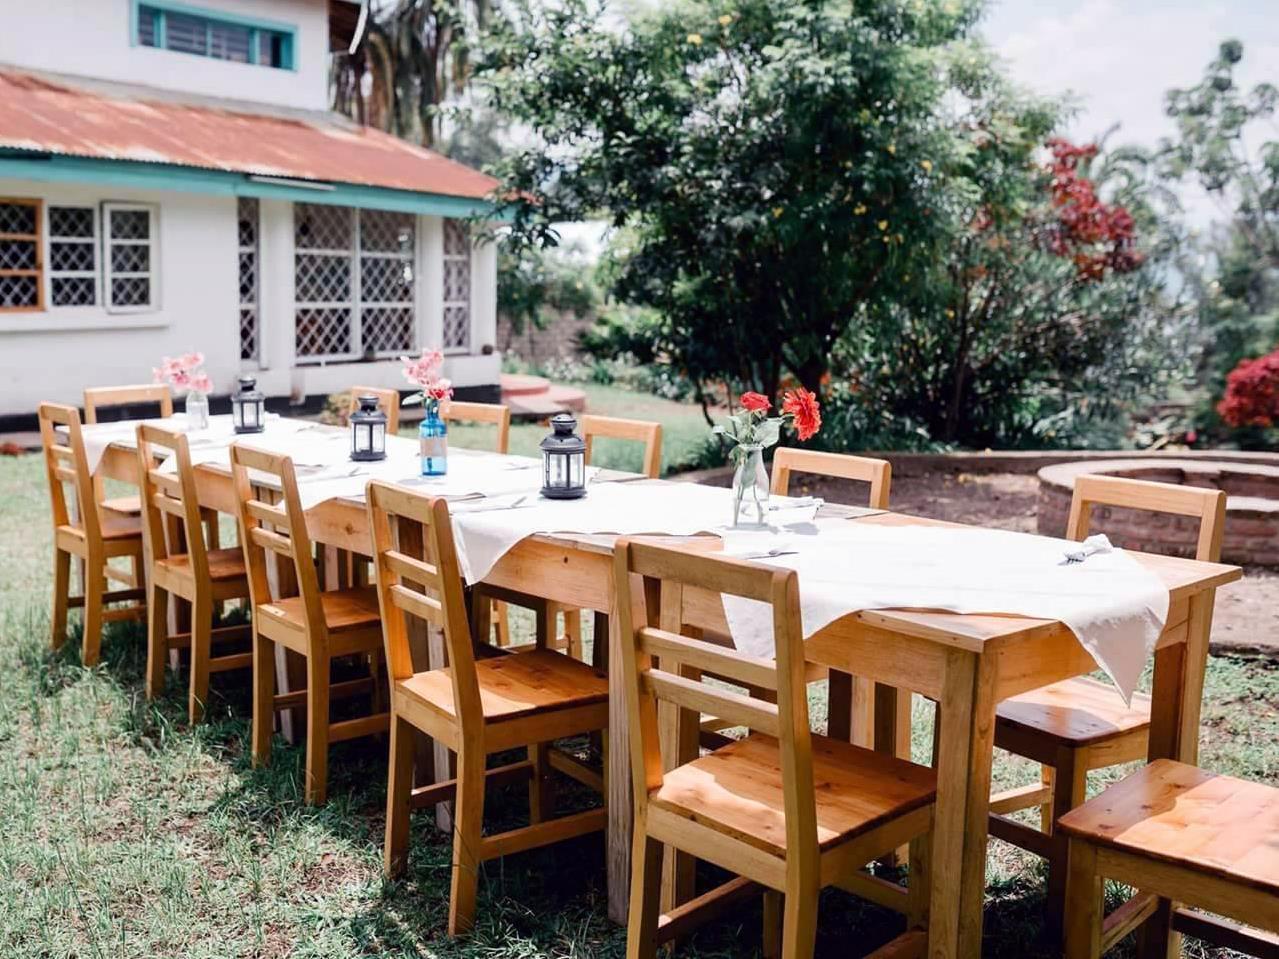 Une longue table et des chaises installées sur le parterre.